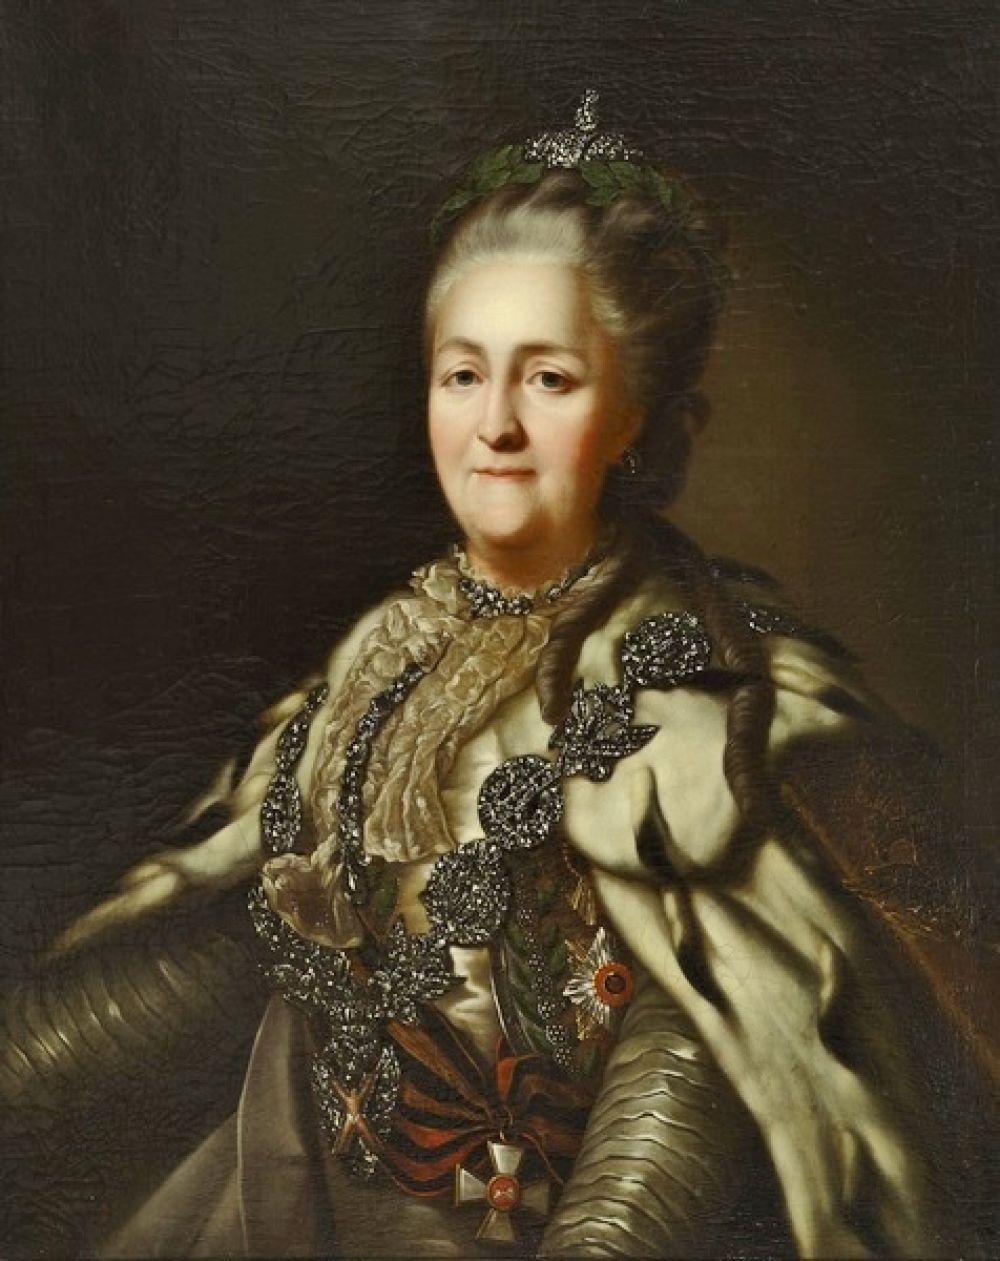 Краснодар — императрица Екатерина II Великая.